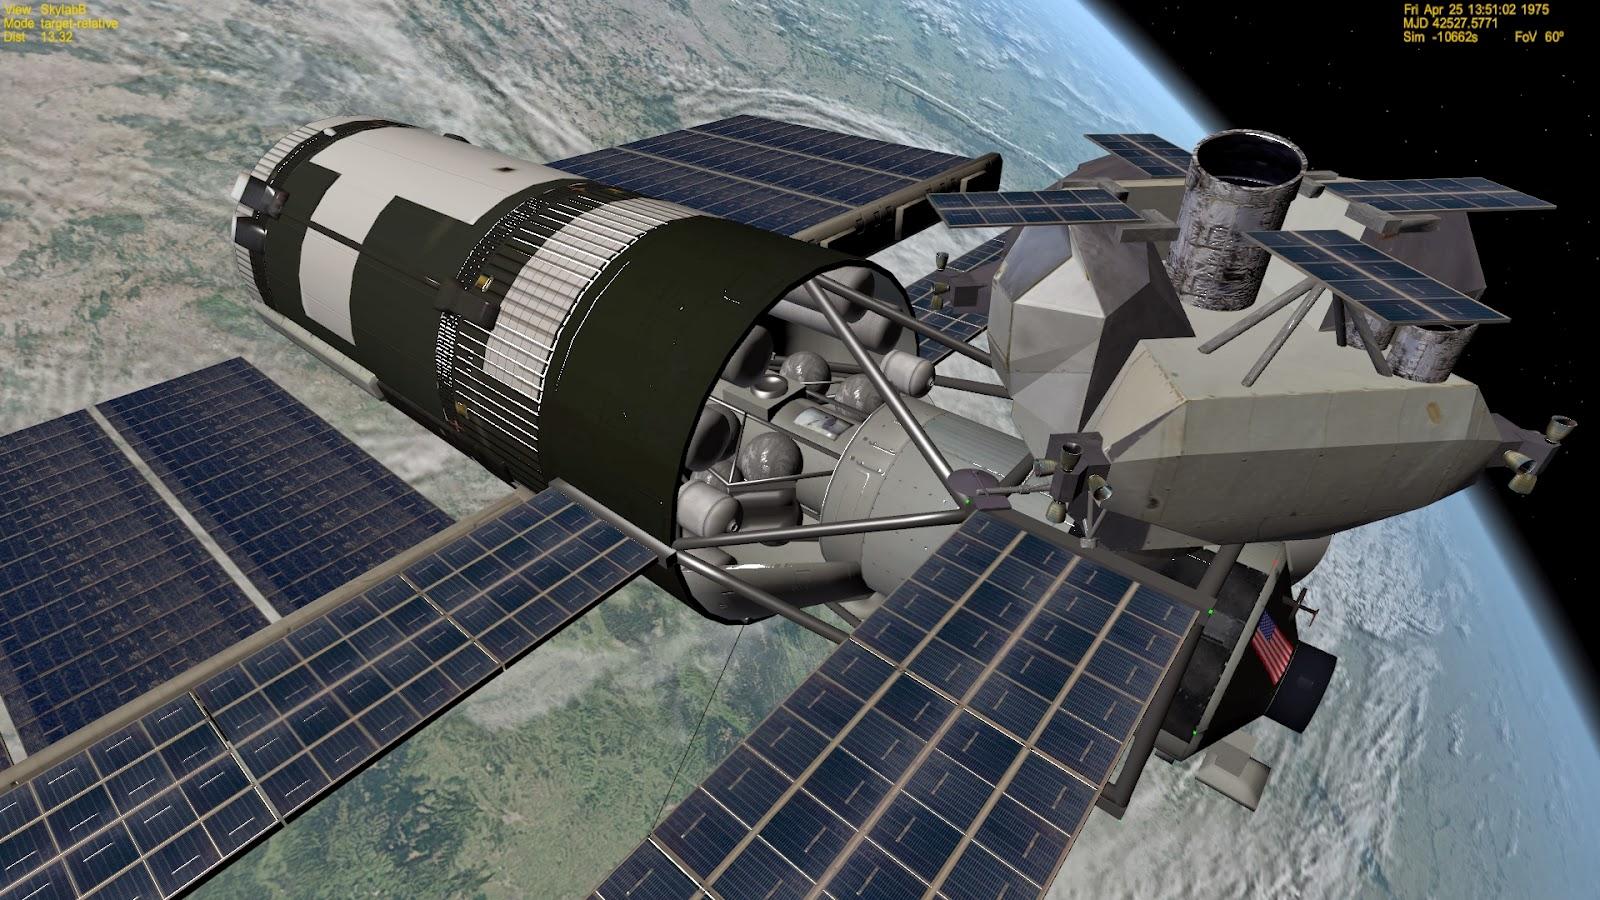 skylab space station crash - photo #15